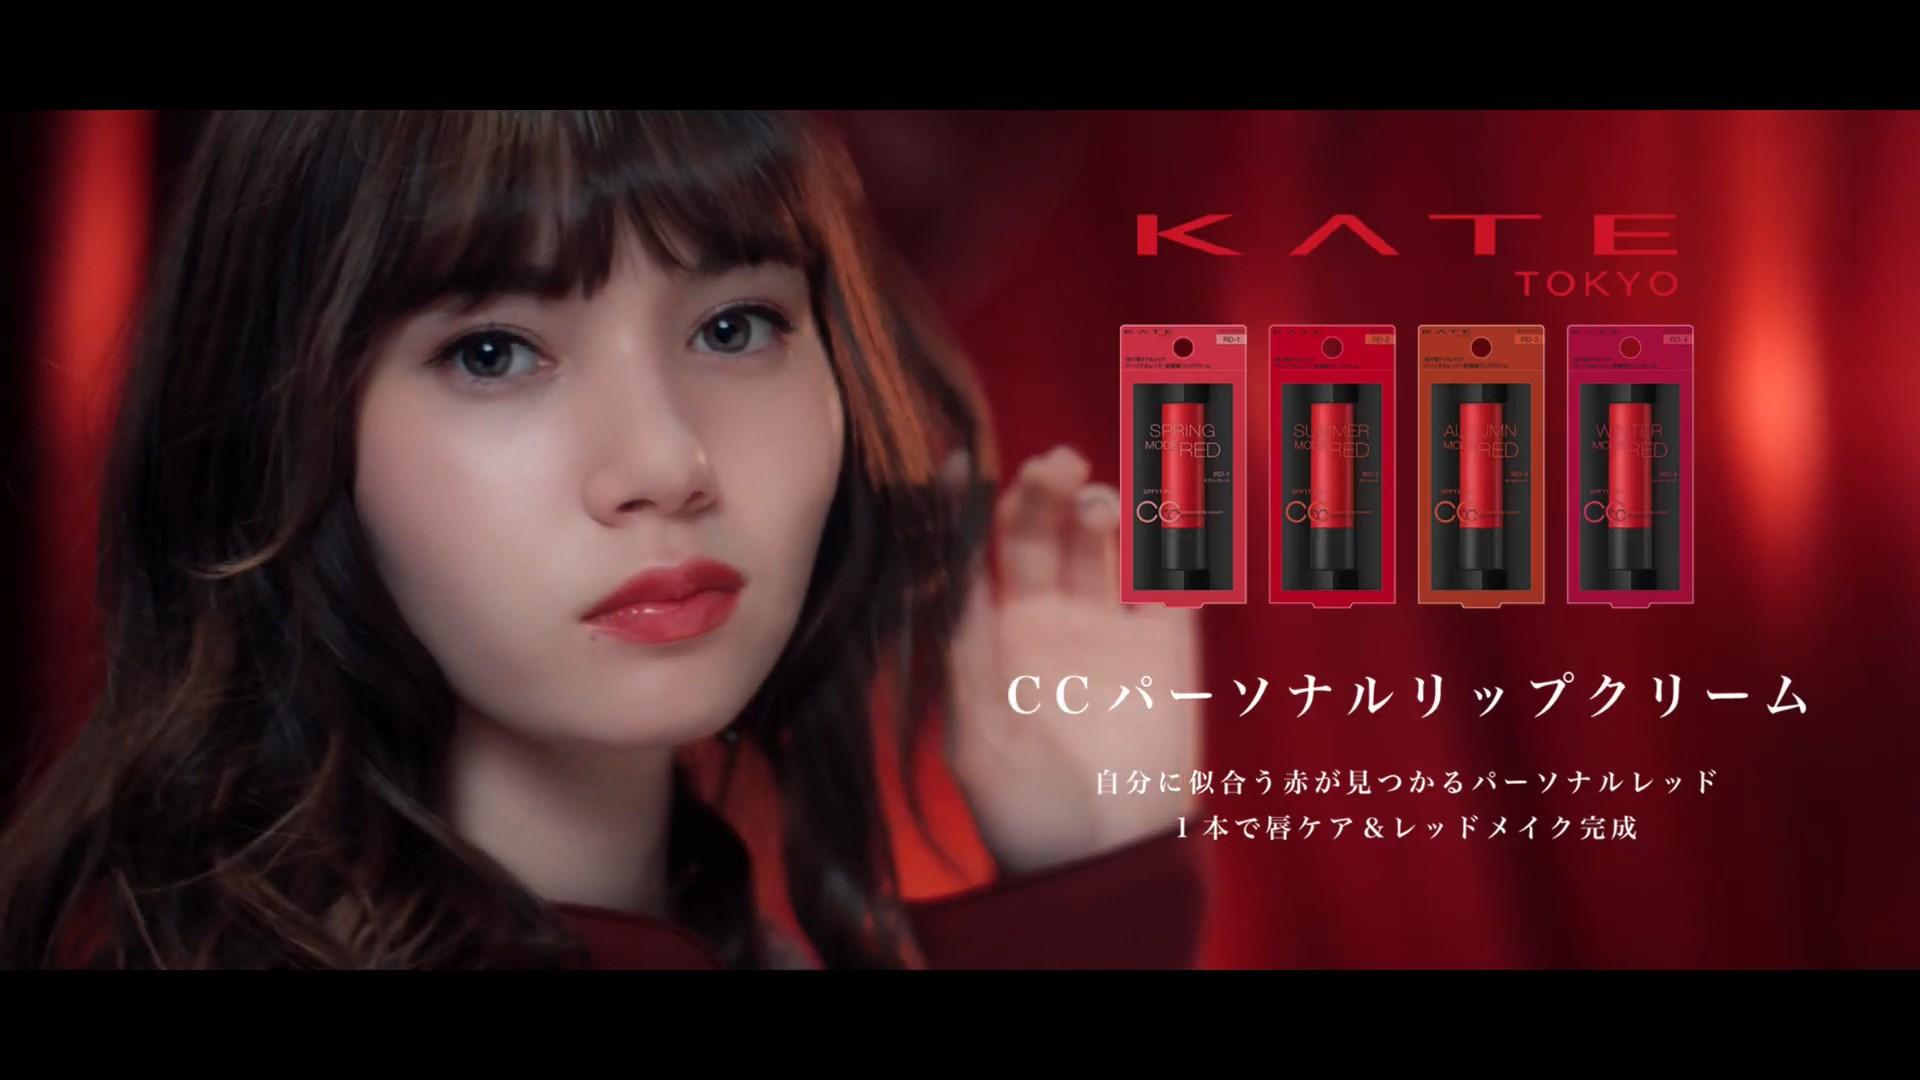 カネボウ化粧品 ケイト #KATEのオオカミちゃんメイクに騙されるな マーシュ彩 吉田凜音